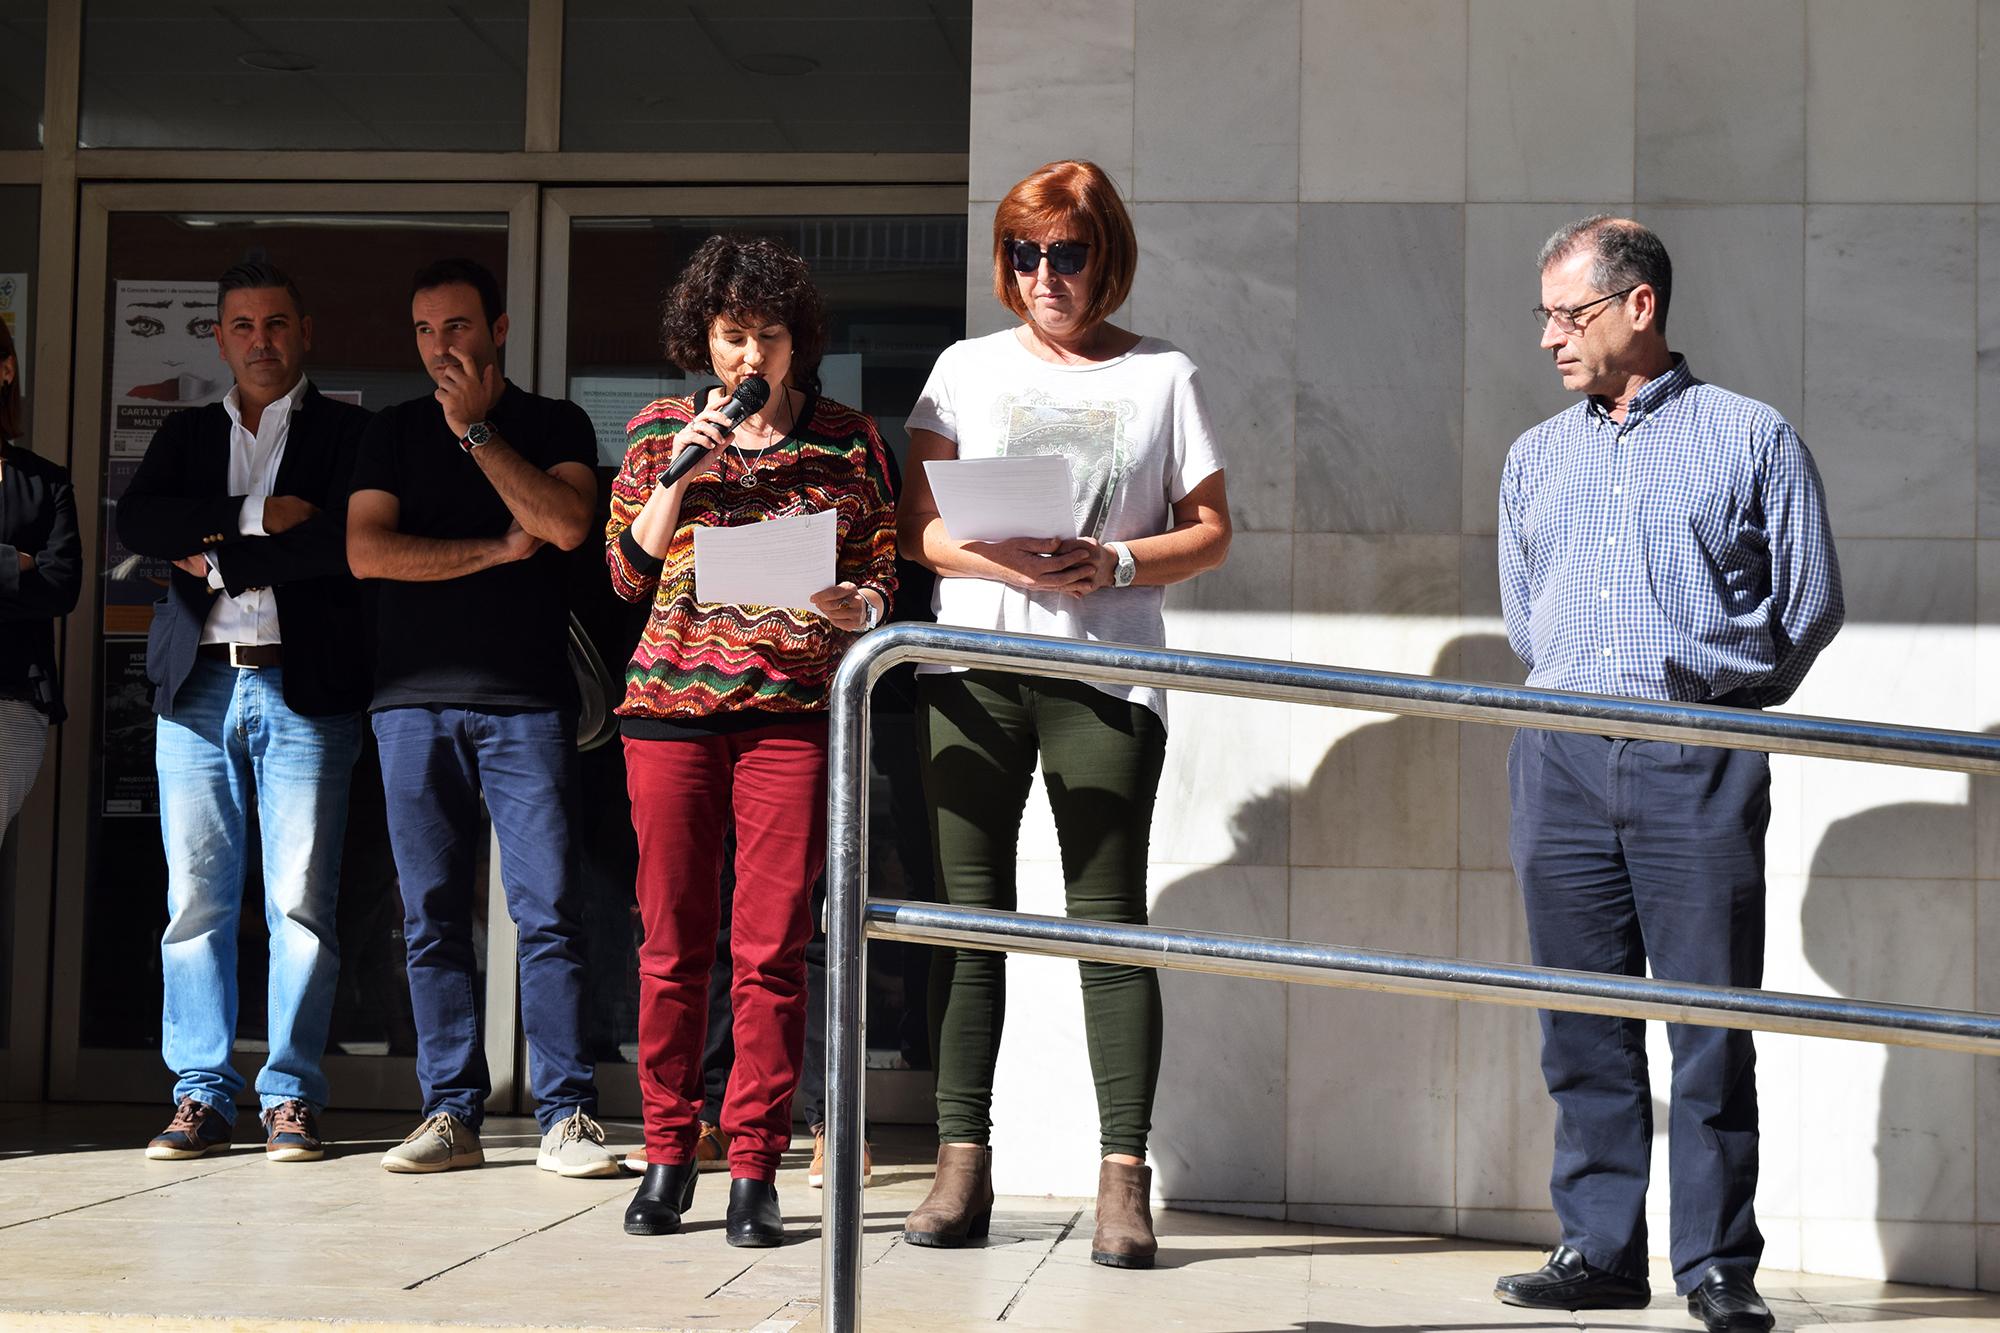 Veïns i veïnes de Vilamarxant han assistit a la lectura d'un manifest en condemna a les morts per violència masclista.